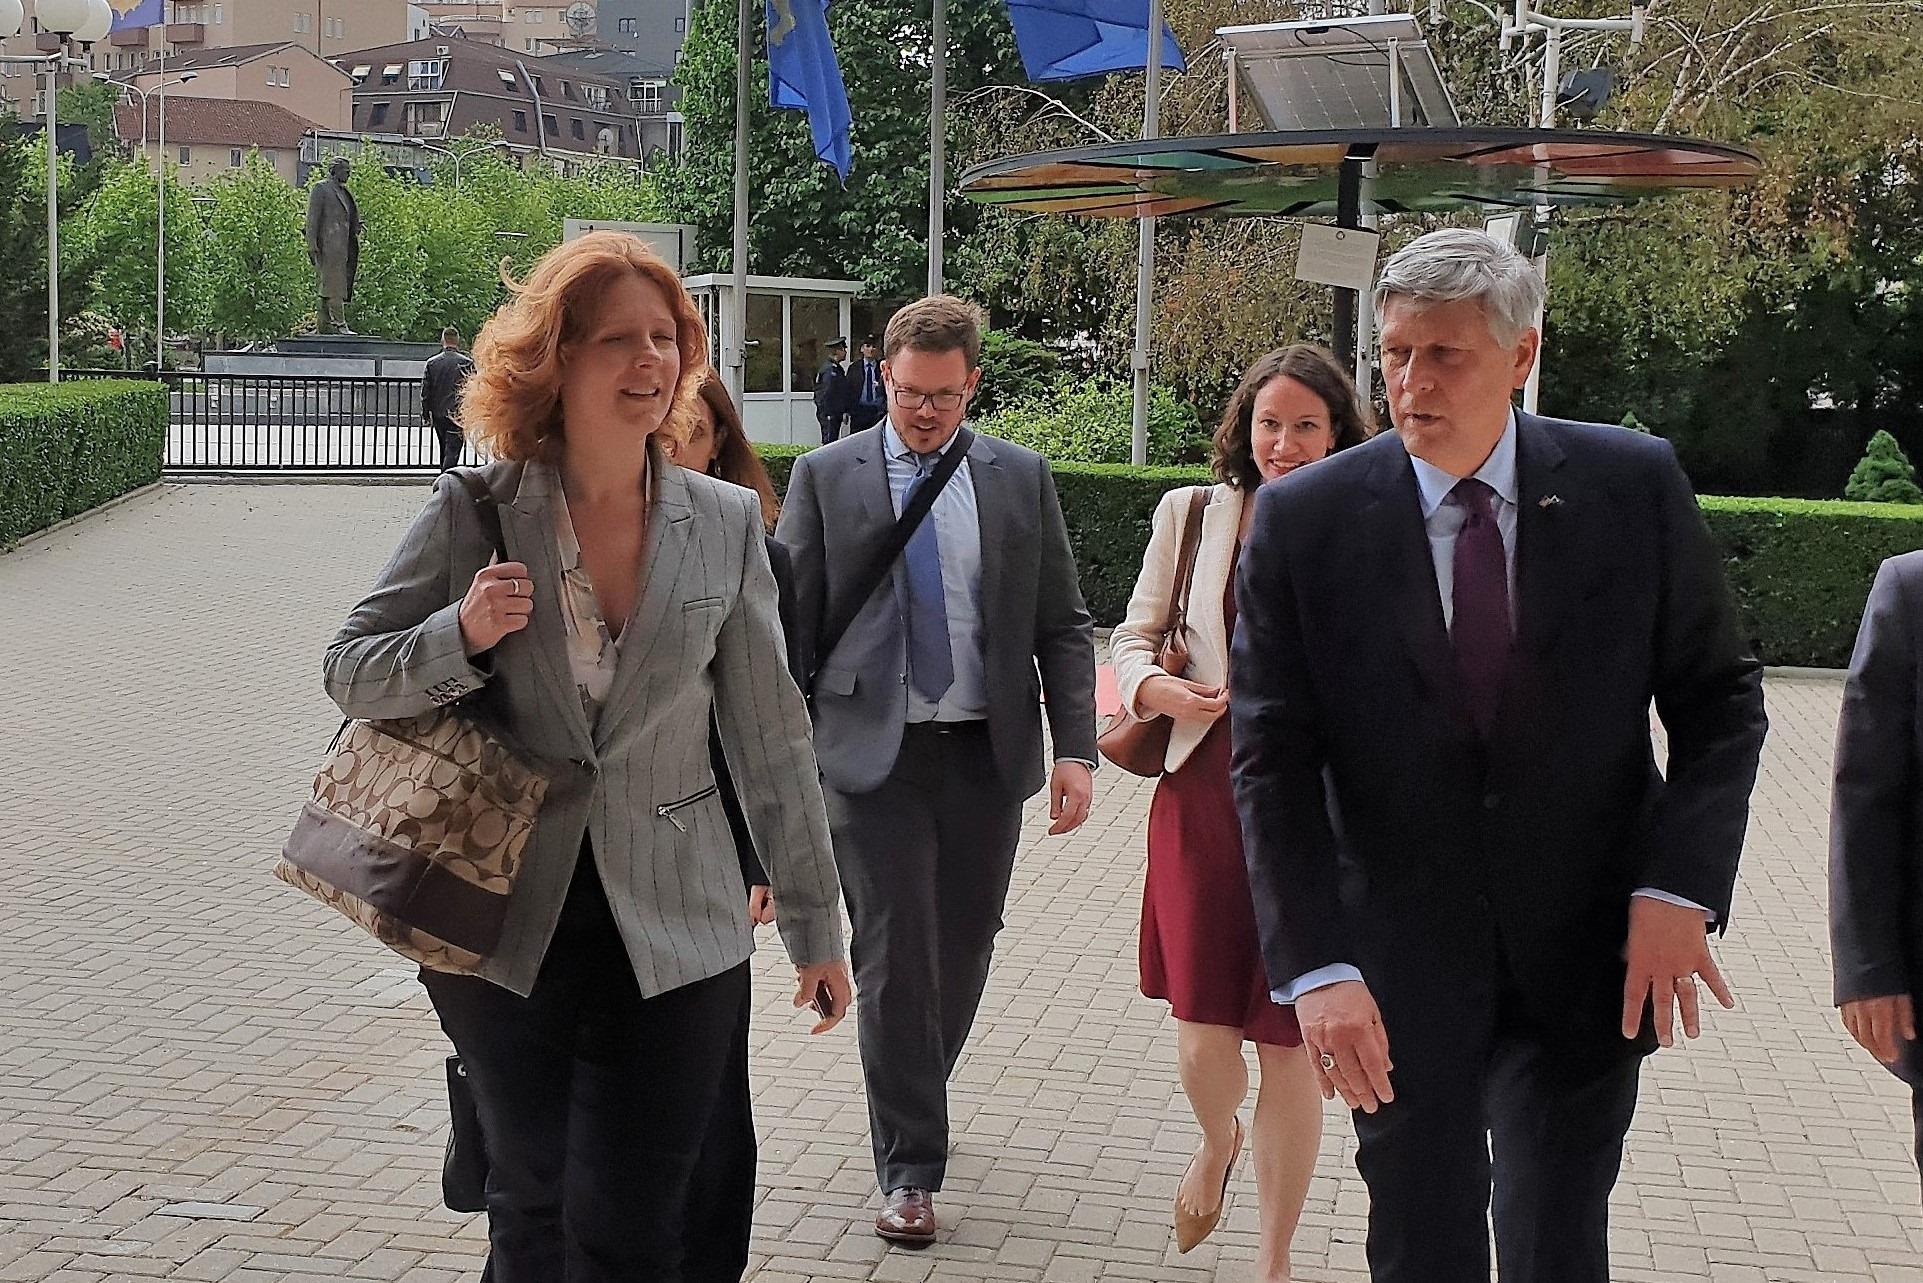 Οι ΗΠΑ απαιτούν τη δέσμευση του Κοσσυφοπεδίου για ομαλοποίηση των σχέσεων με τη Σερβία